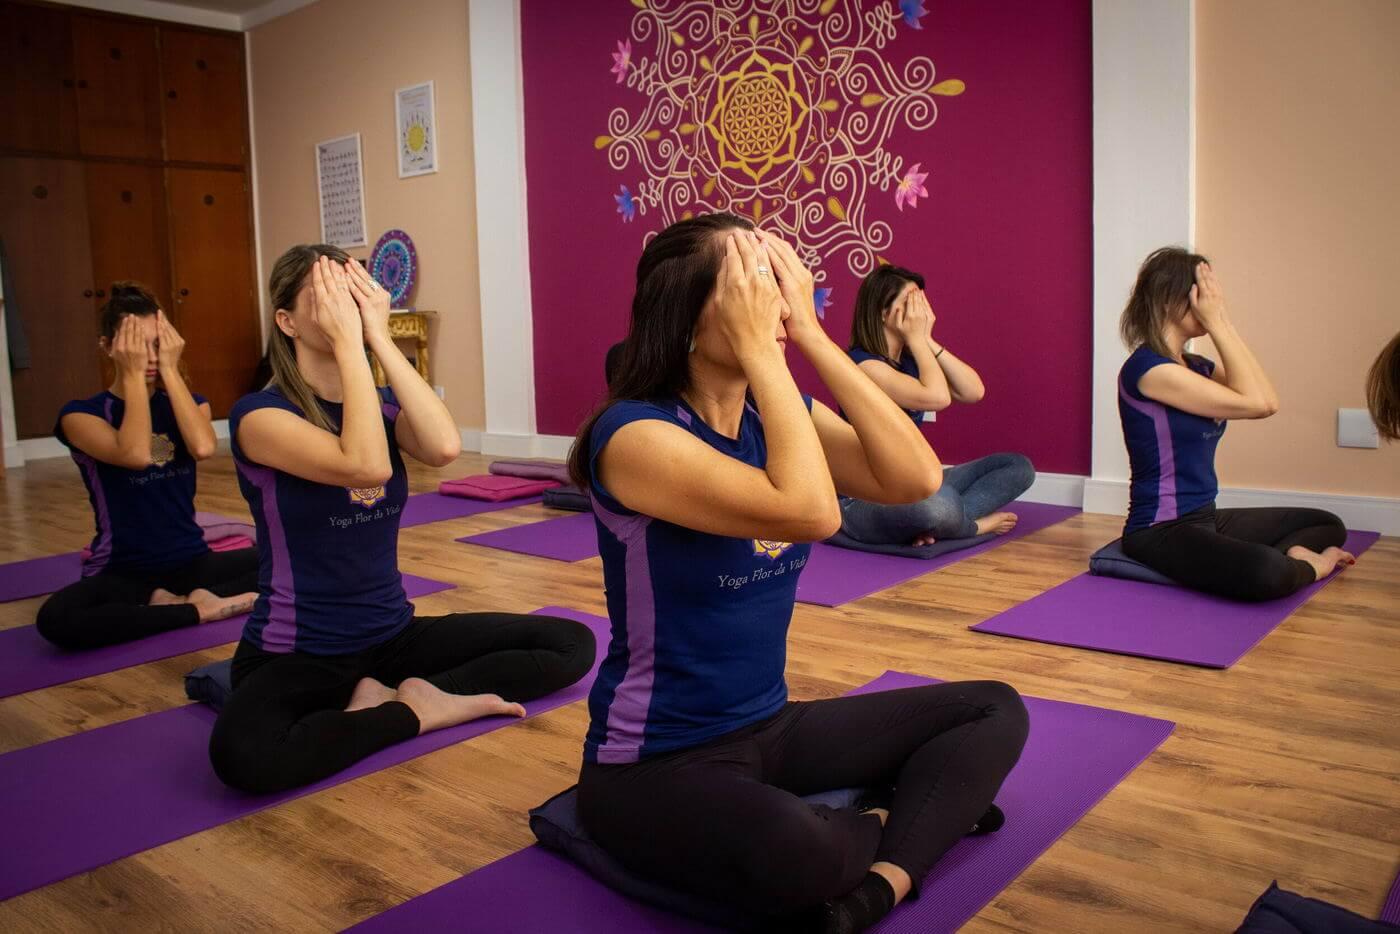 Yoga Flor Da Vida 30